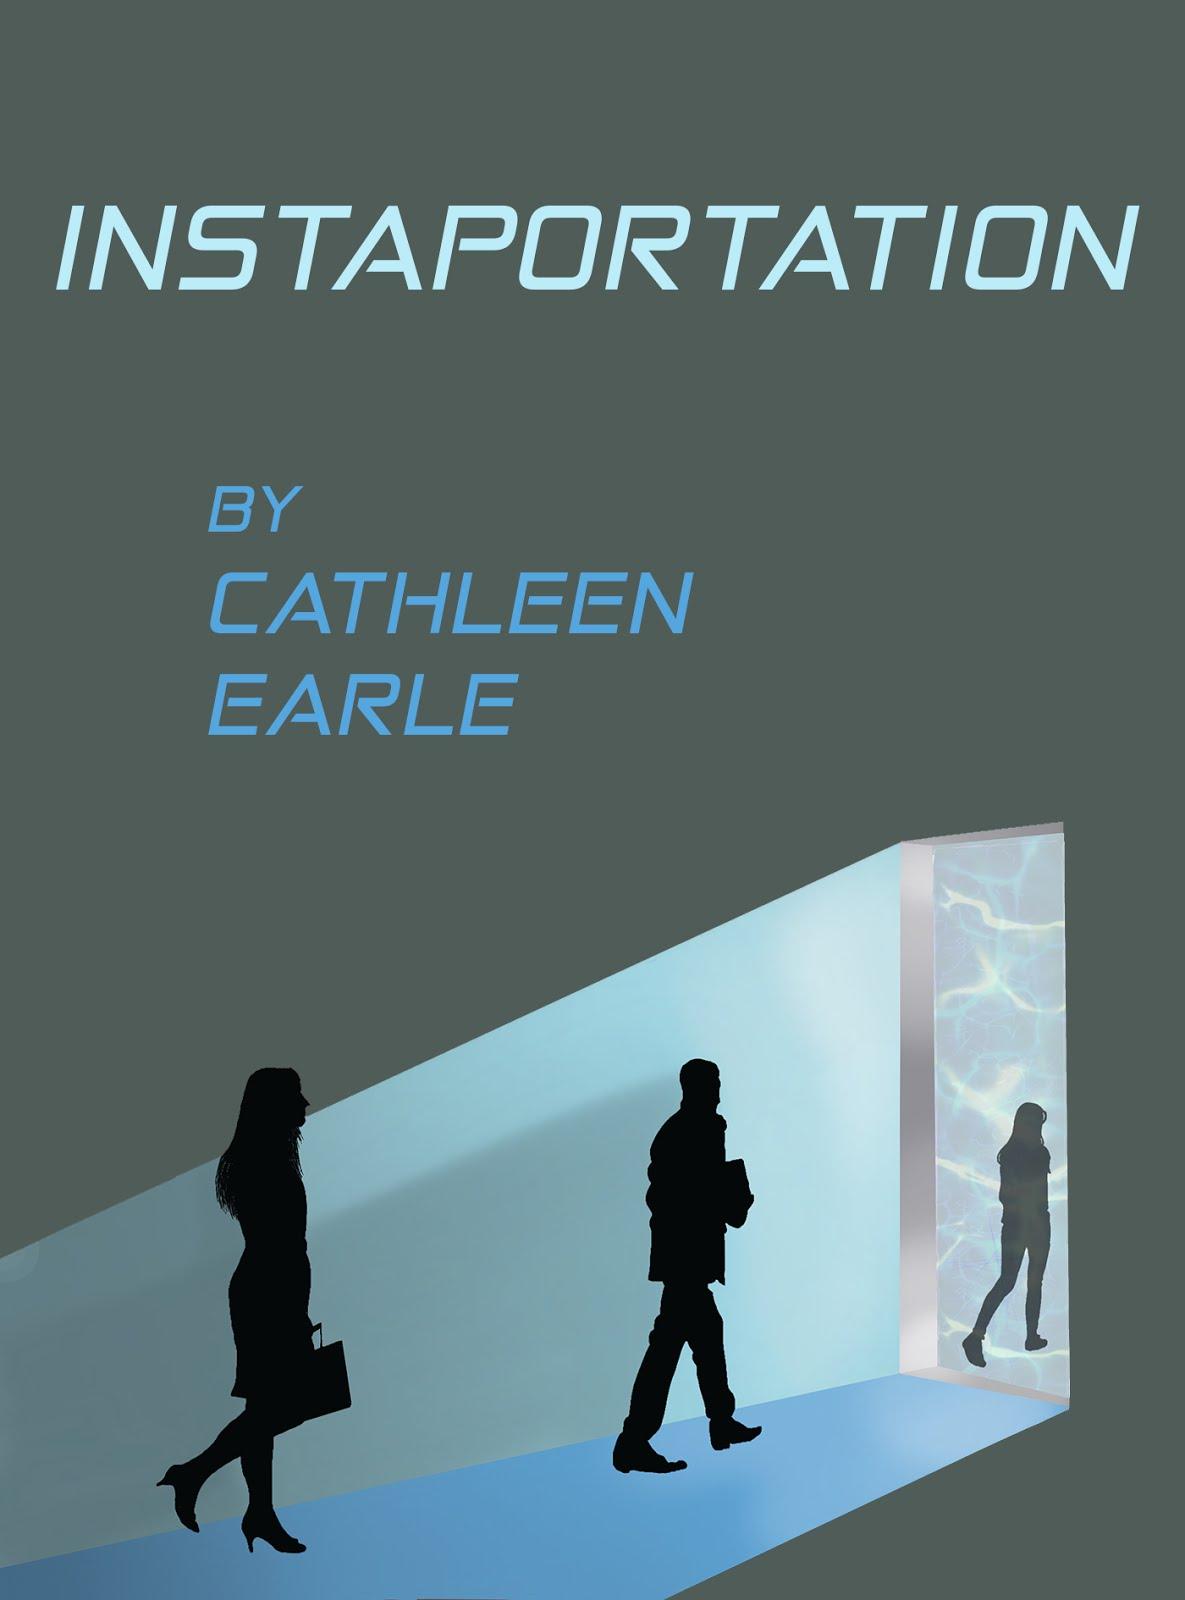 Instaportation